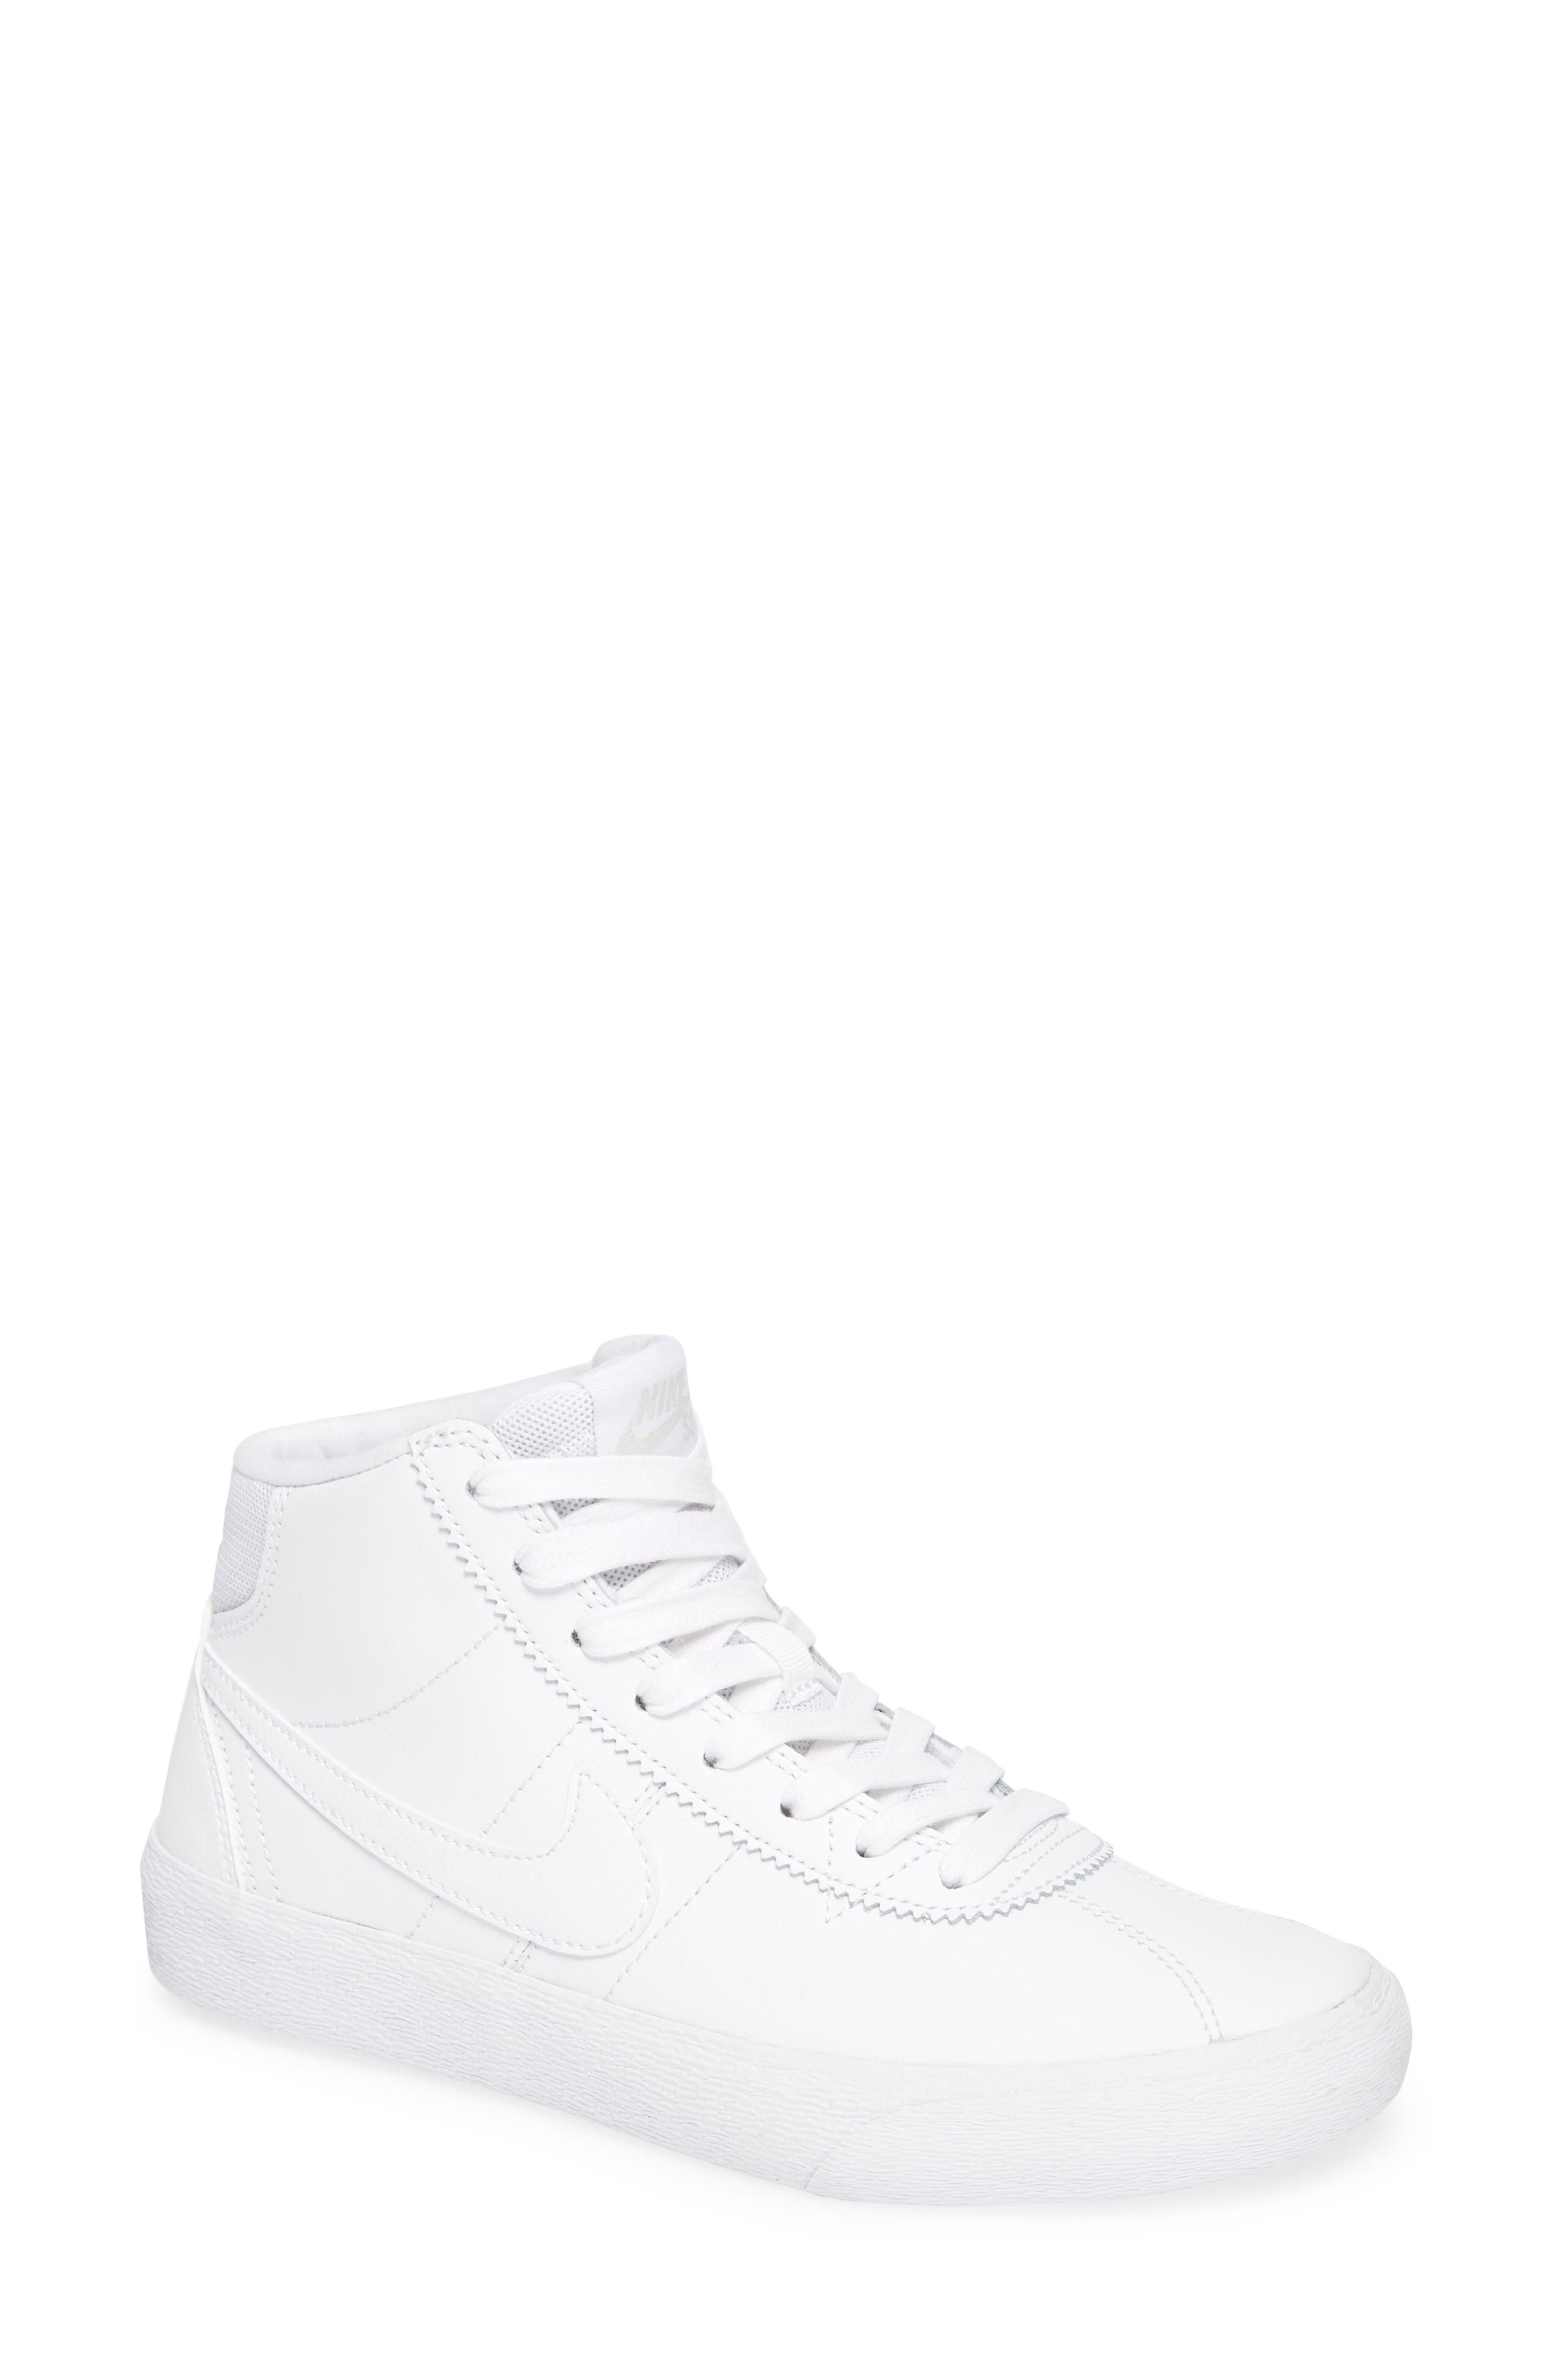 SB Bruin Hi Skateboarding Sneaker,                             Main thumbnail 1, color,                             WHITE/ WHITE/ VAST GREY